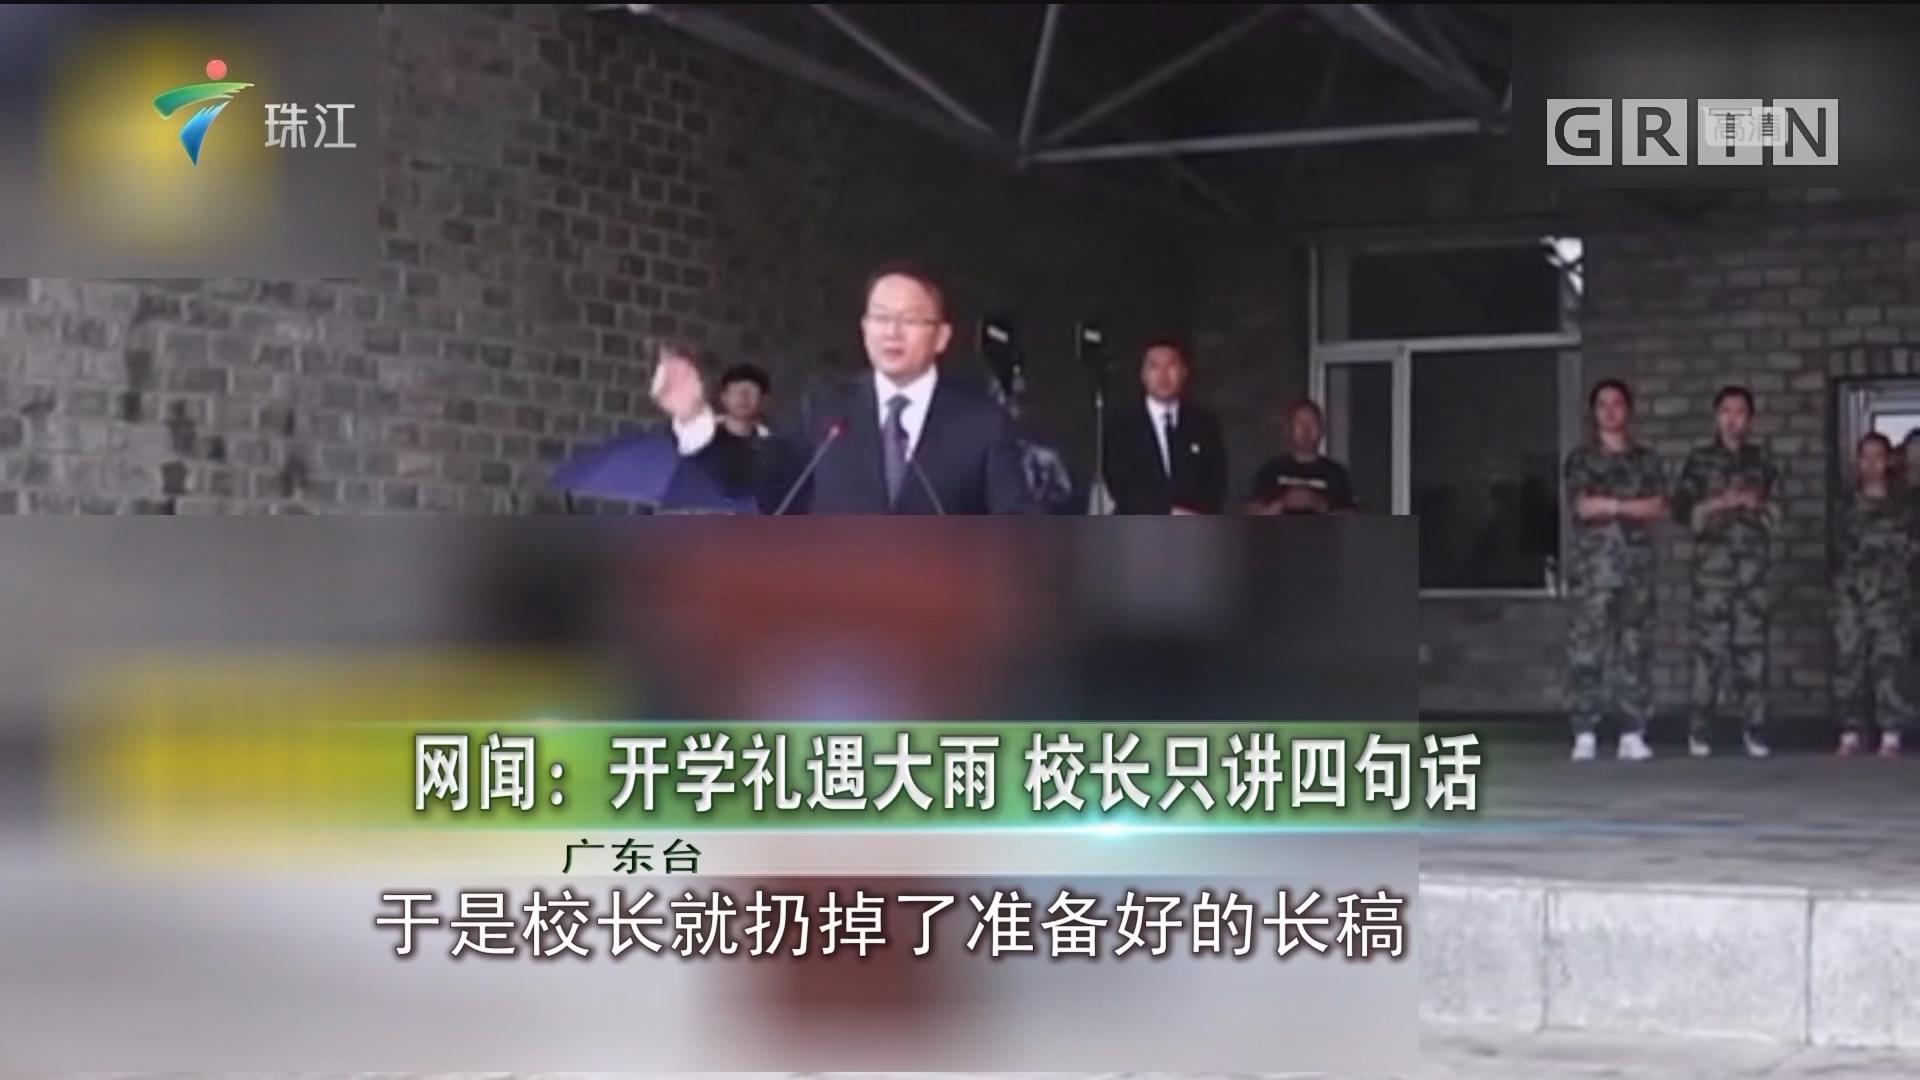 网闻:开学礼遇大雨 校长只讲四句话